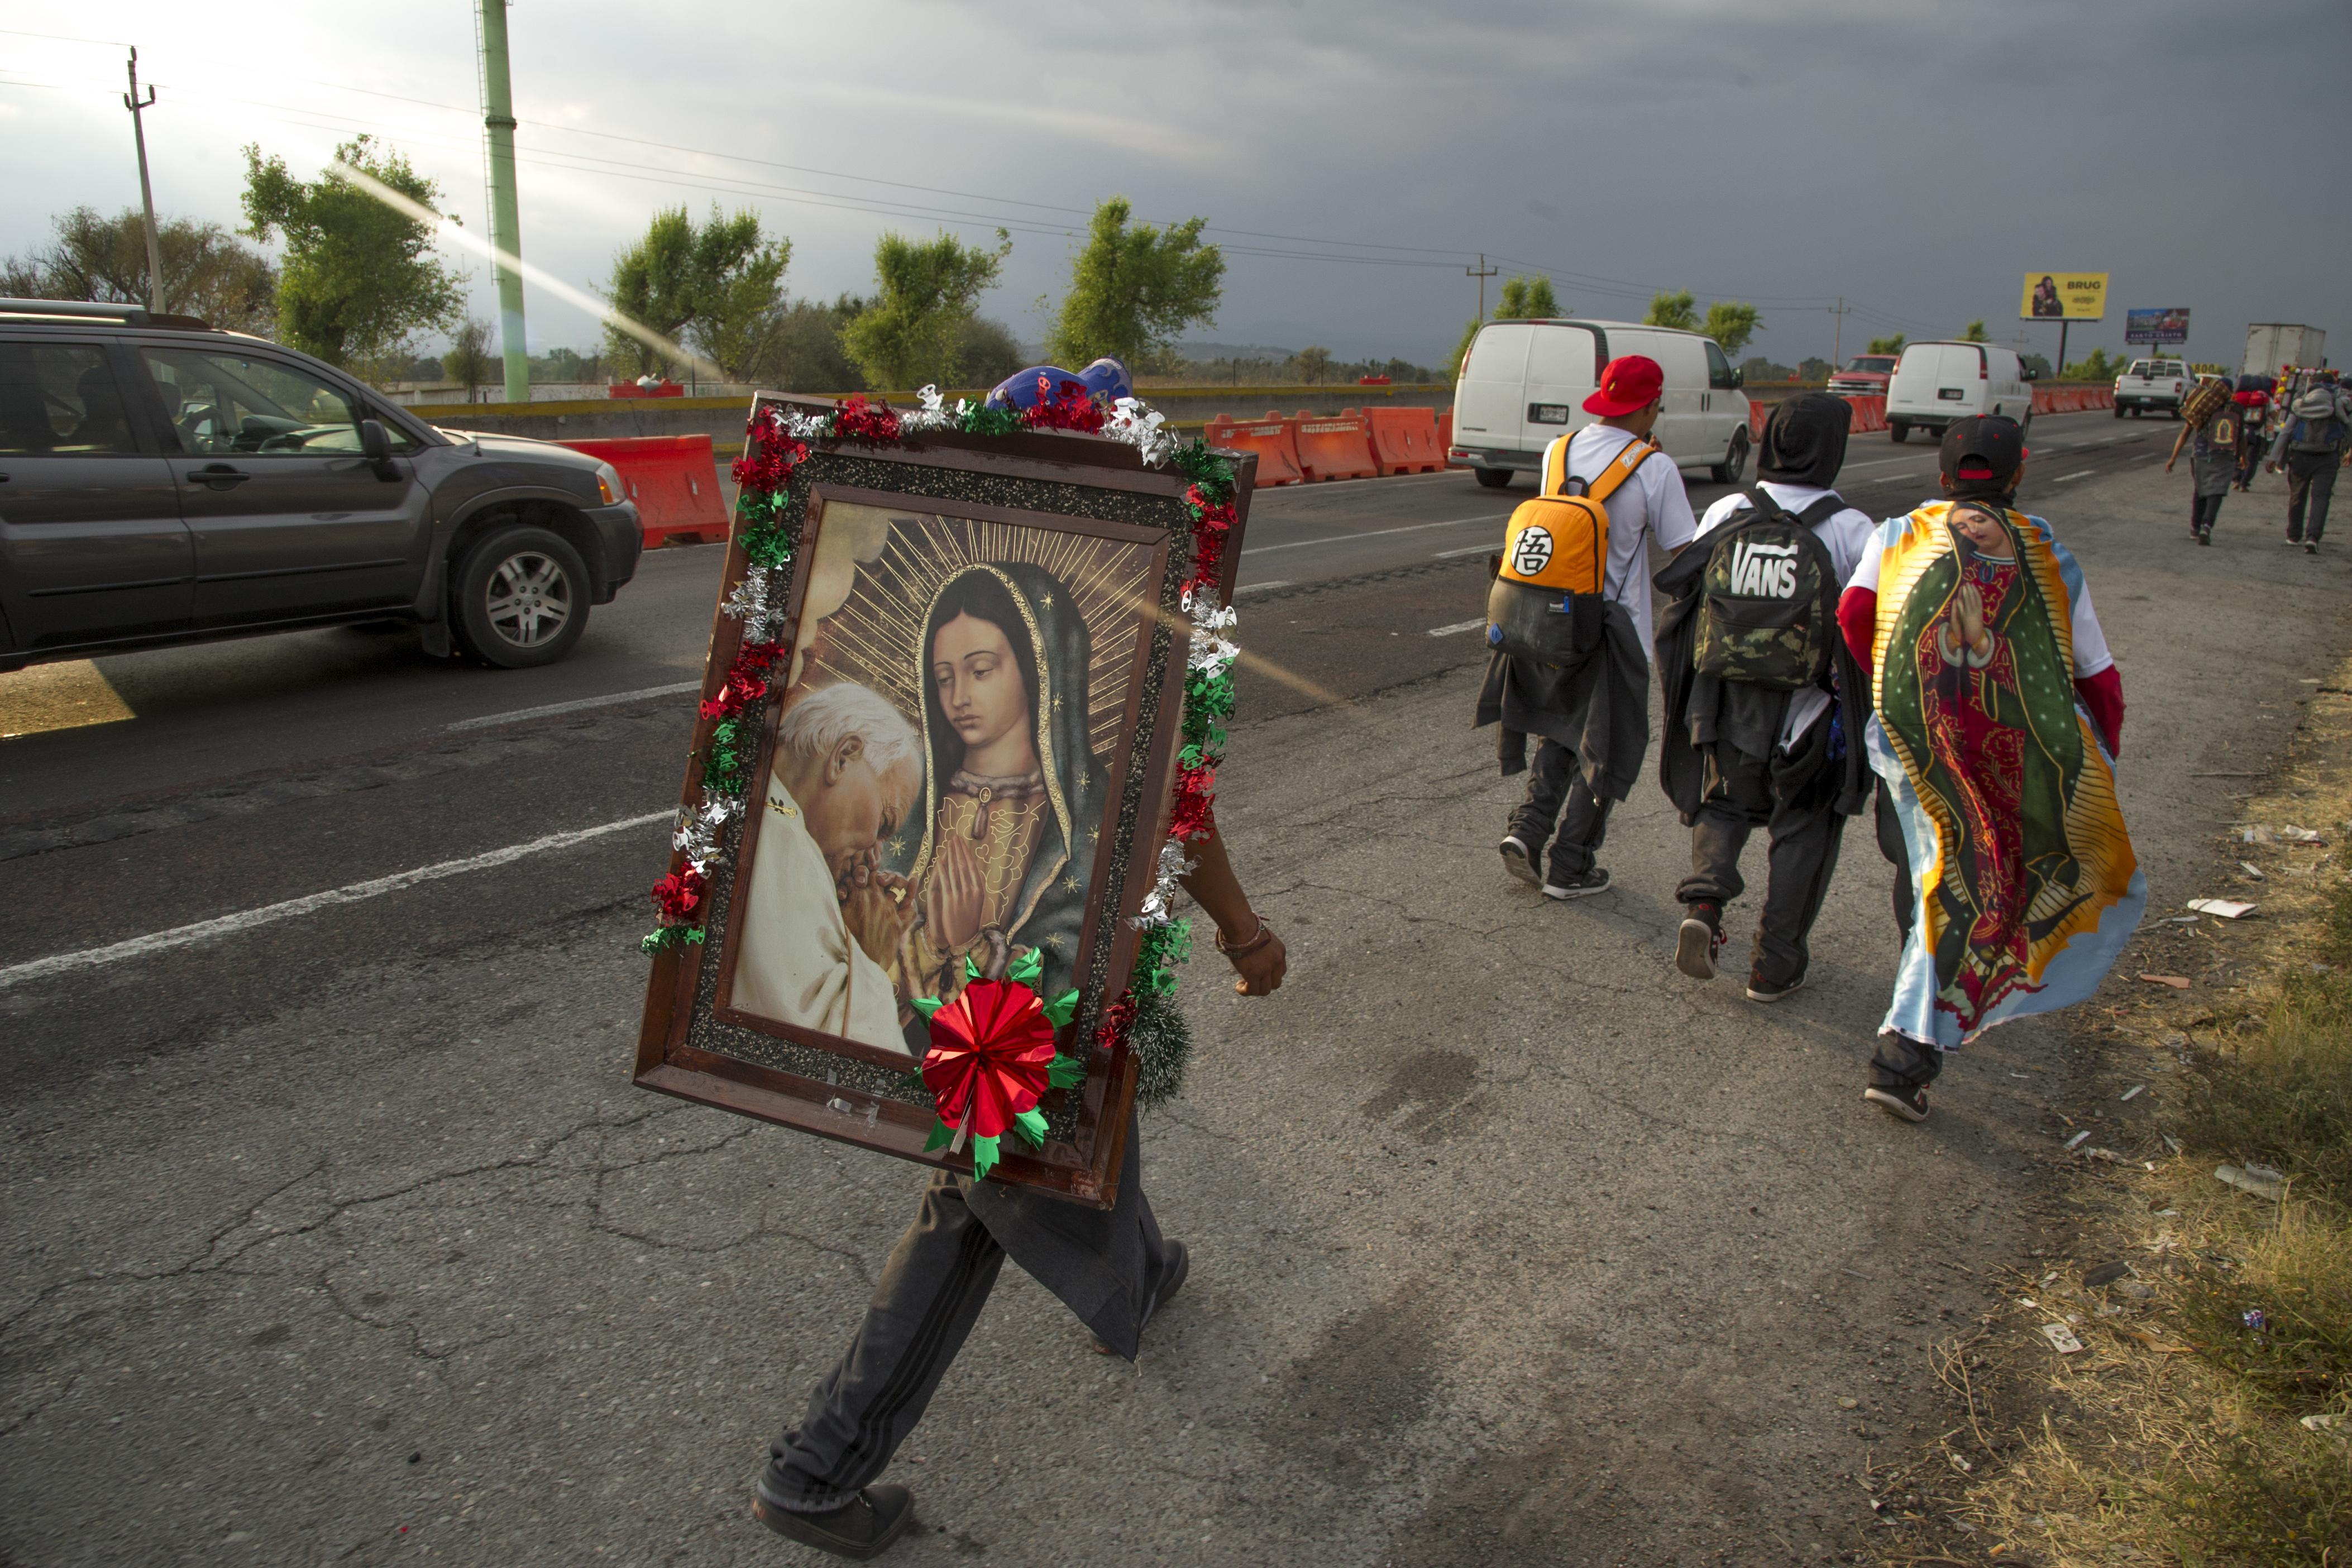 Los peregrinos llevan imágenes de la Virgen de Guadalupe mientras caminan por una carretera federal en Puebla, México, de camino a la Basílica de Guadalupe en la Ciudad de México, el 7 de diciembre de 2020.